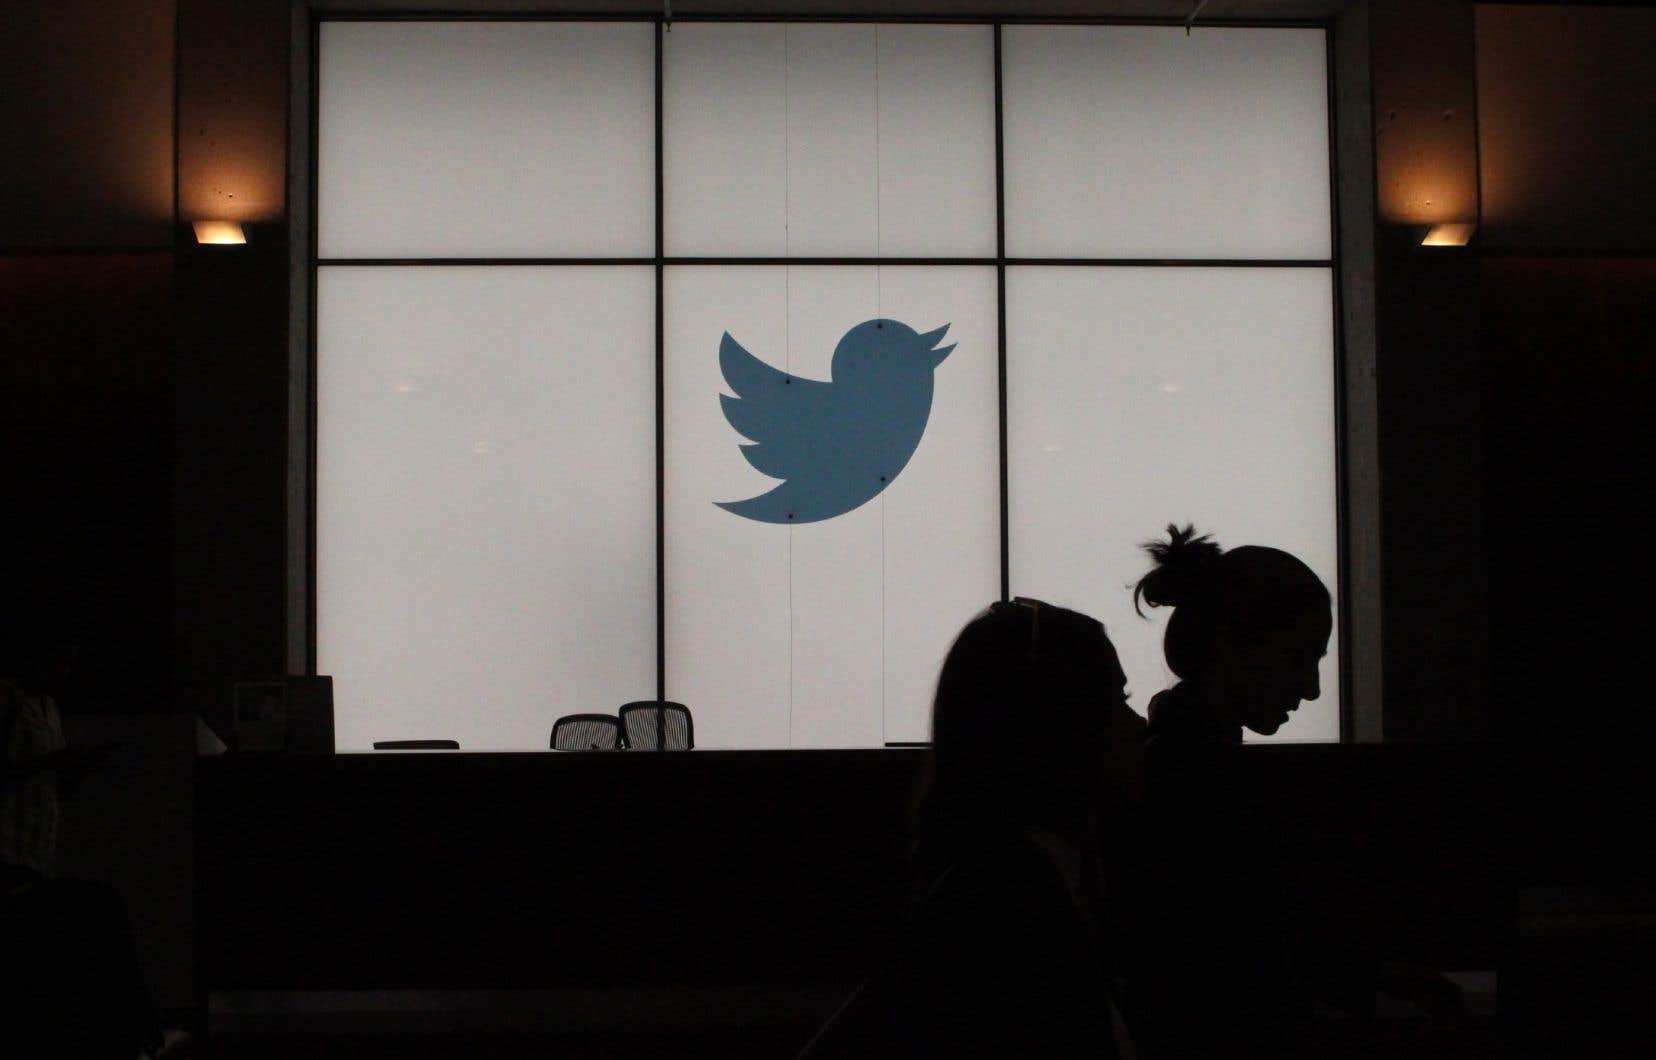 «Nous avons détecté ce que nous pensons être une attaque technologique coordonnée conduite par des individus qui ont ciblé avec succès certains de nos employés ayant accès aux systèmes et outils internes», a expliqué Twitter.